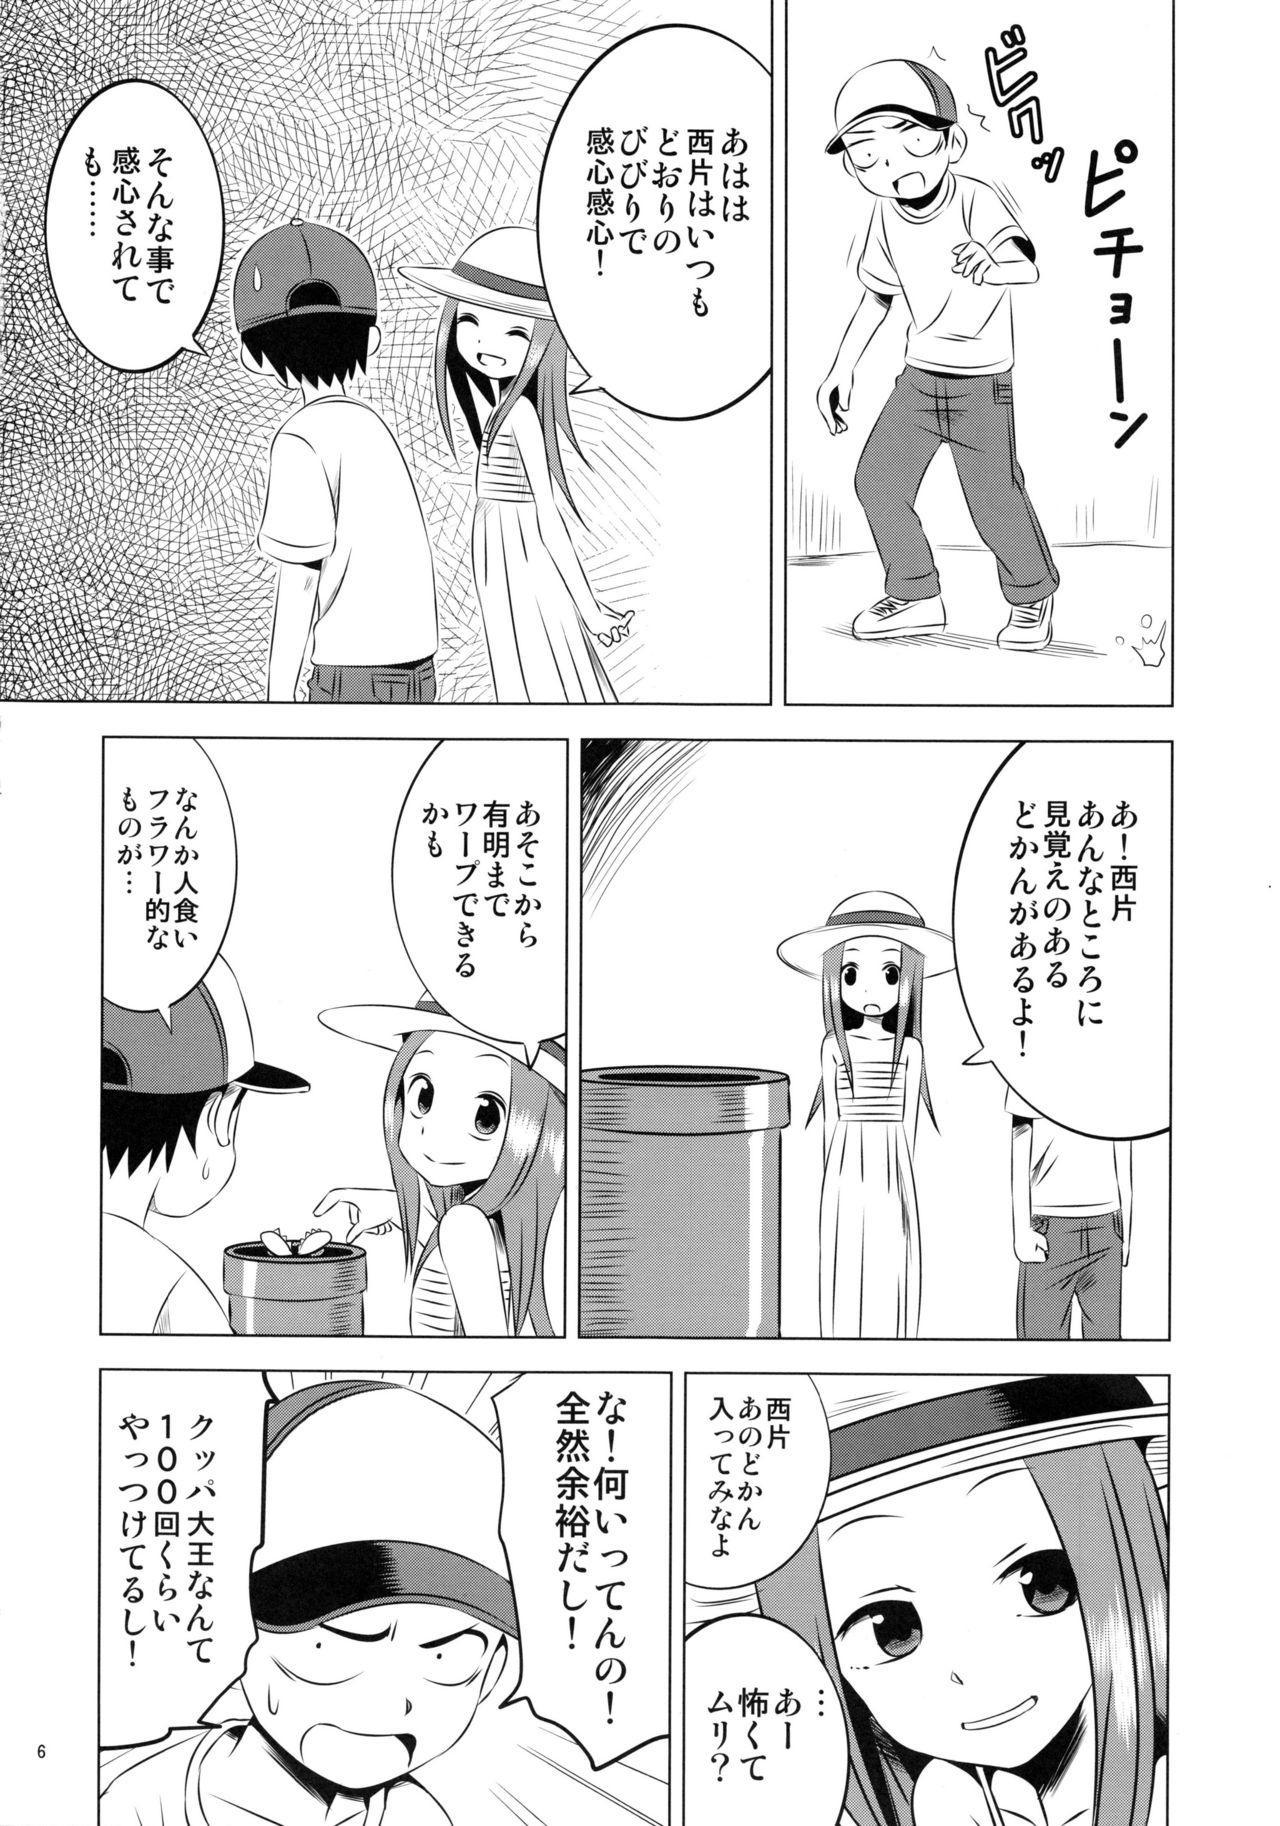 (C92) [Kakohimenoutuwa (Yuumazume)] Kyou mo Nishikata-kun wa Takagi-san ni Misukasareteru 4 (Karakai Jouzu no Takagi-san) 5